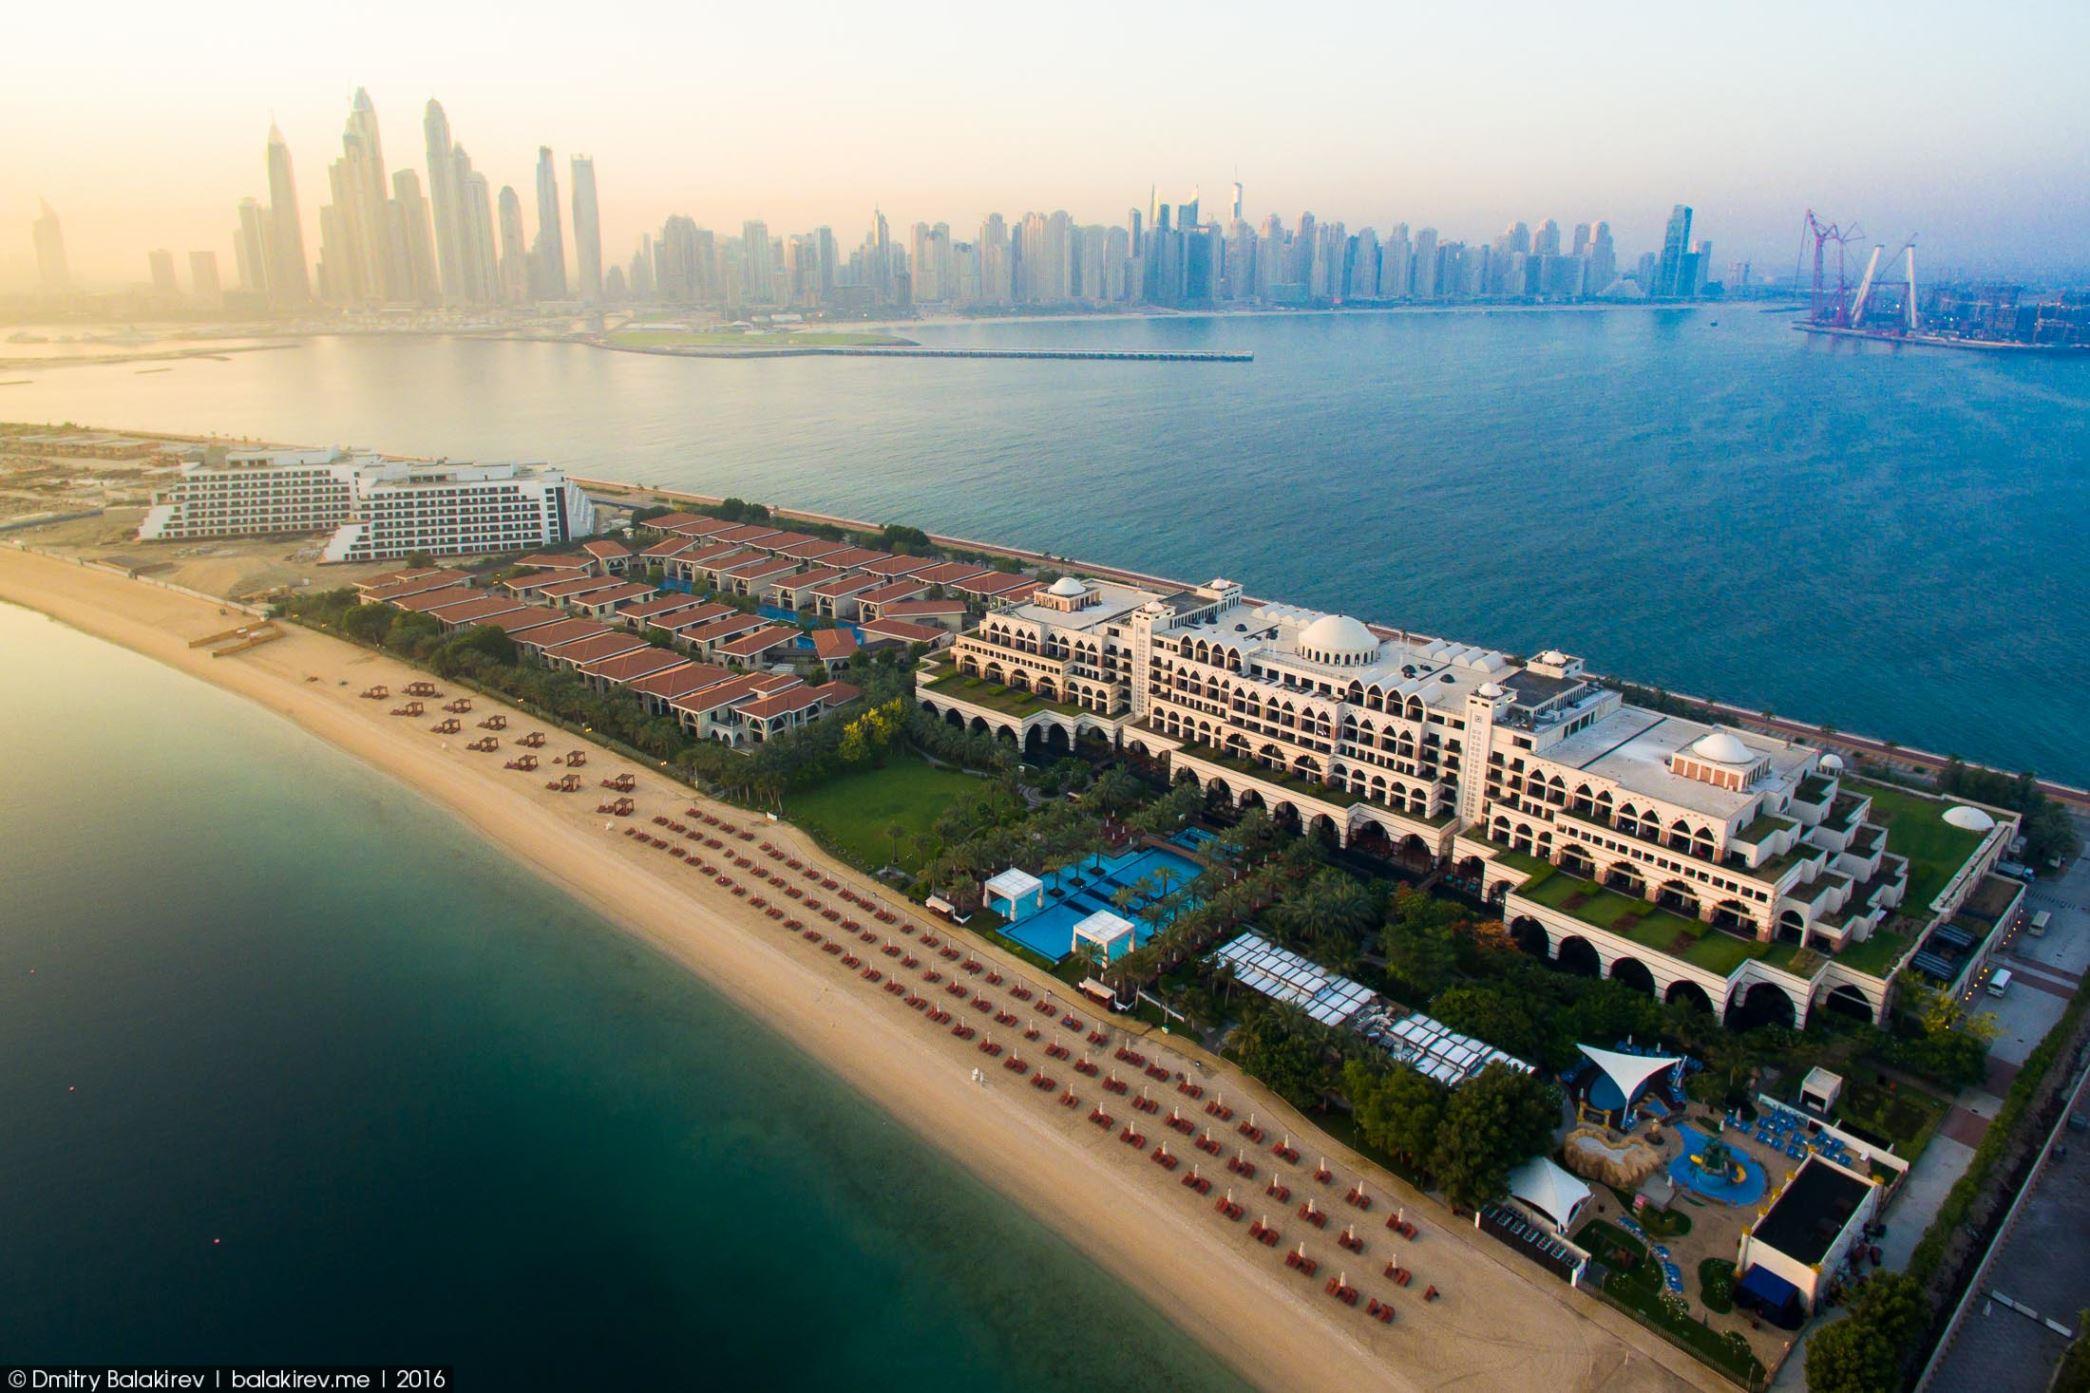 Британцы считают Дубай лучшим дальним направлением для туров выходного дня